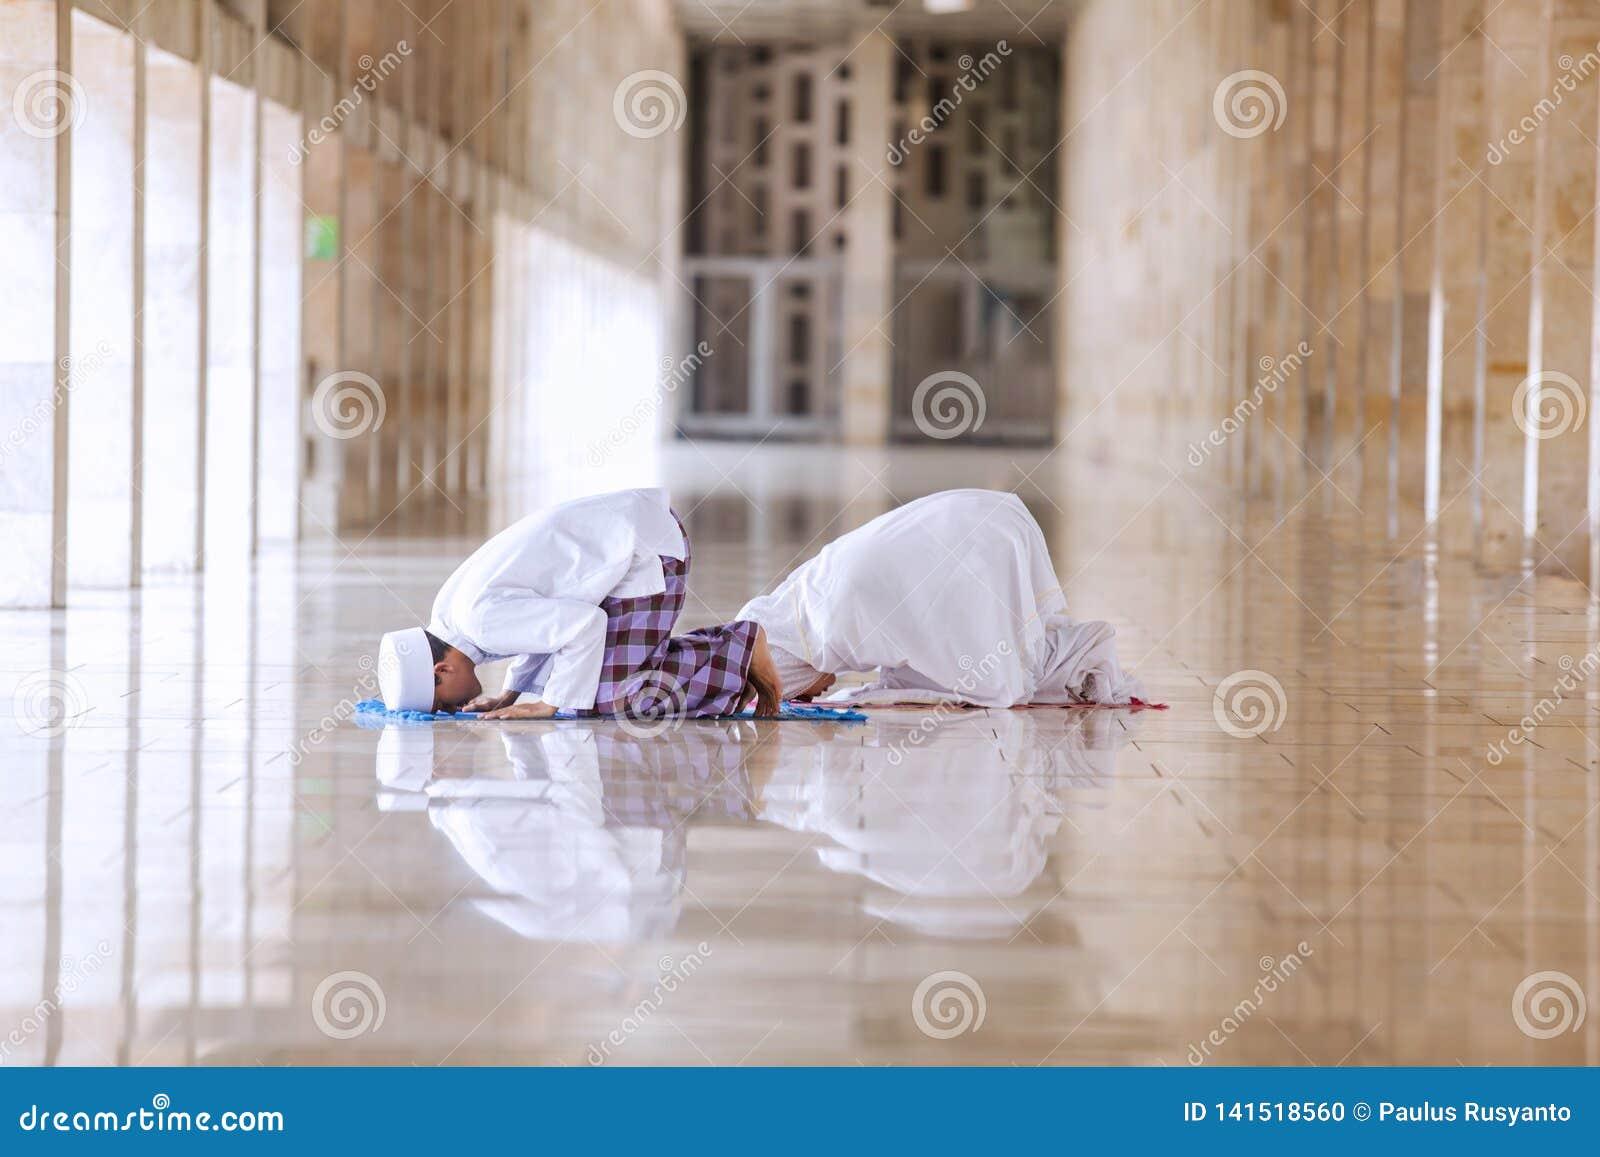 Fazer religioso dos pares reza na mesquita